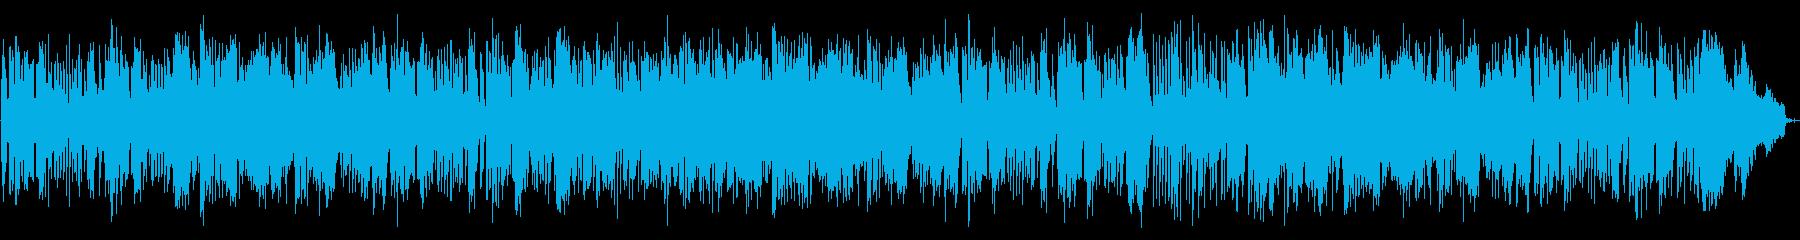 二胡の中華風エキゾチックジャズ_LoFiの再生済みの波形